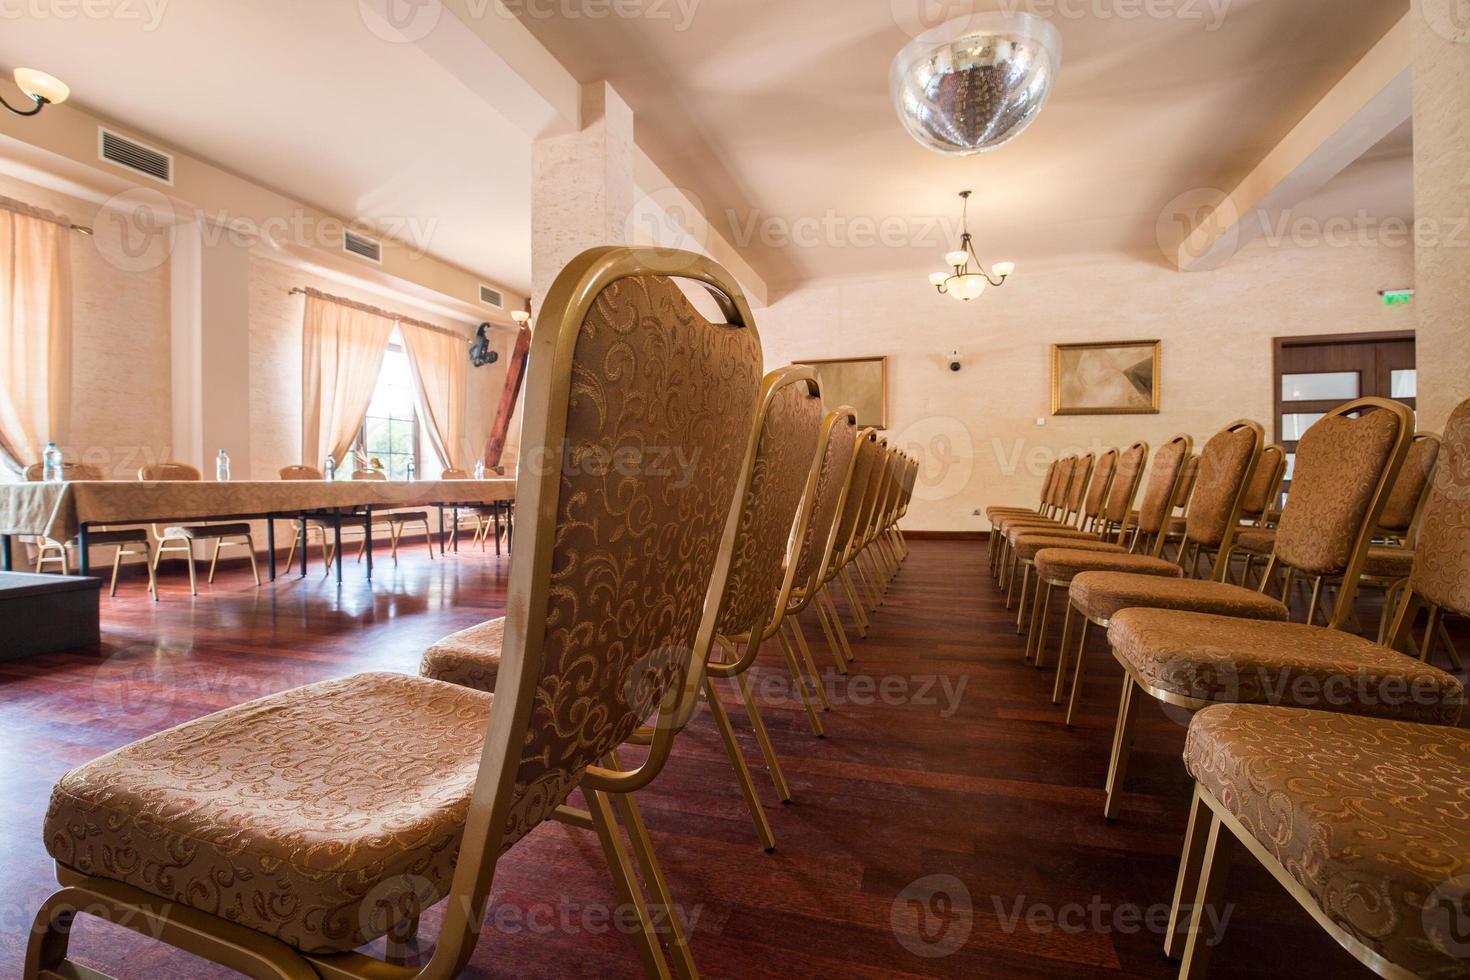 sillas marrones en clase seminario foto